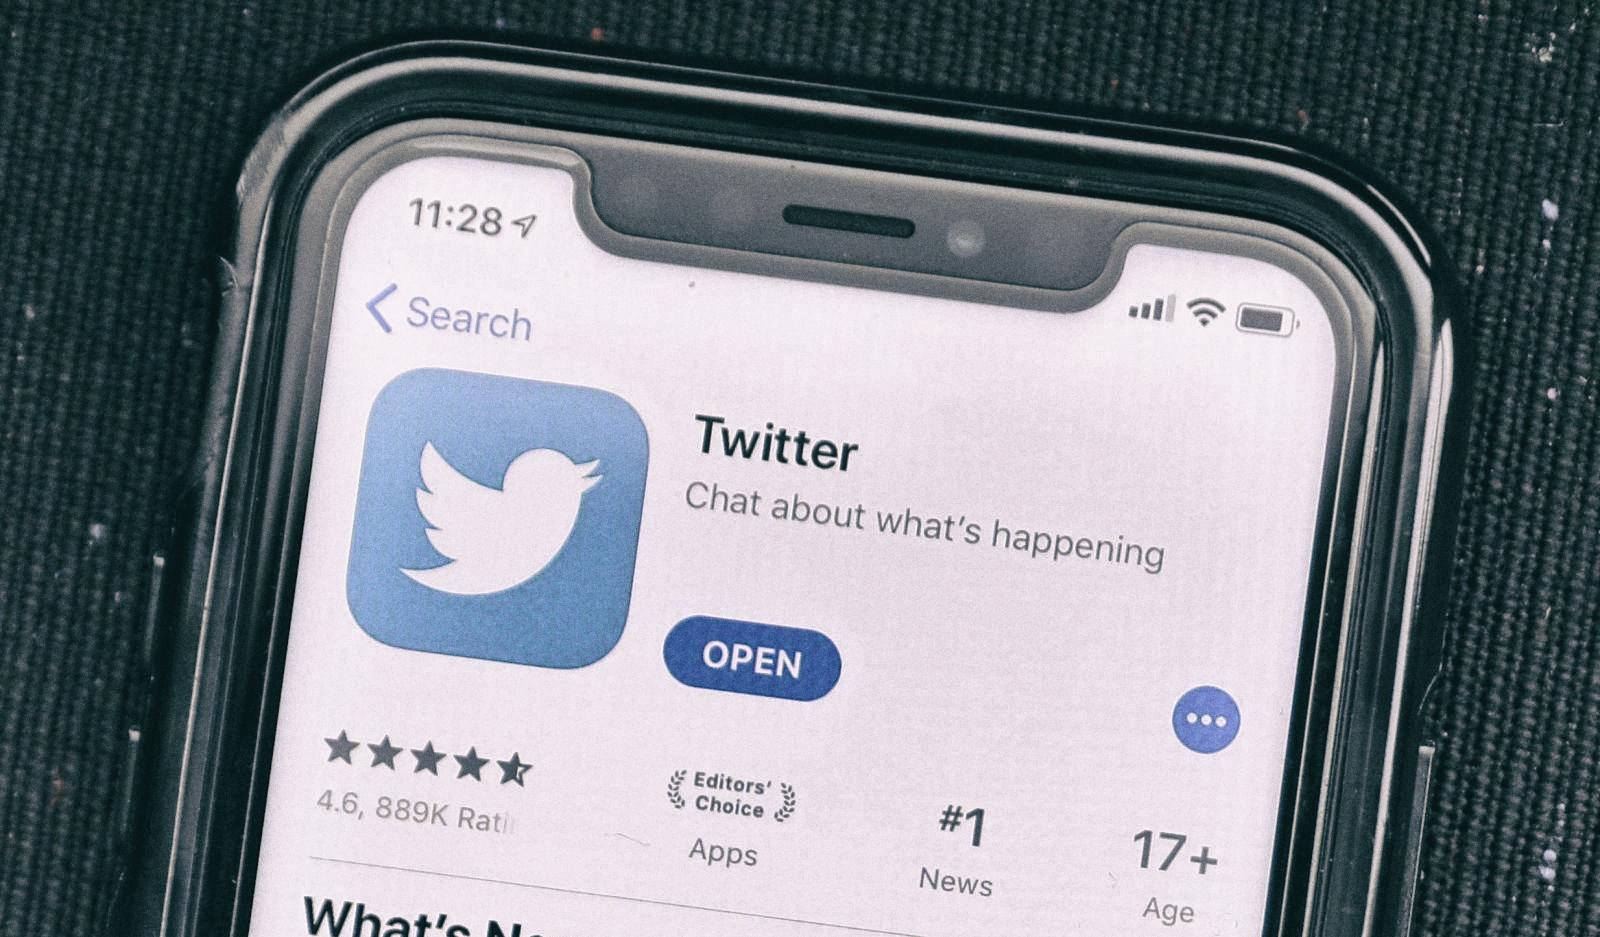 В декабре Twitter начнет удалять аккаунты, которыми никто не пользуется